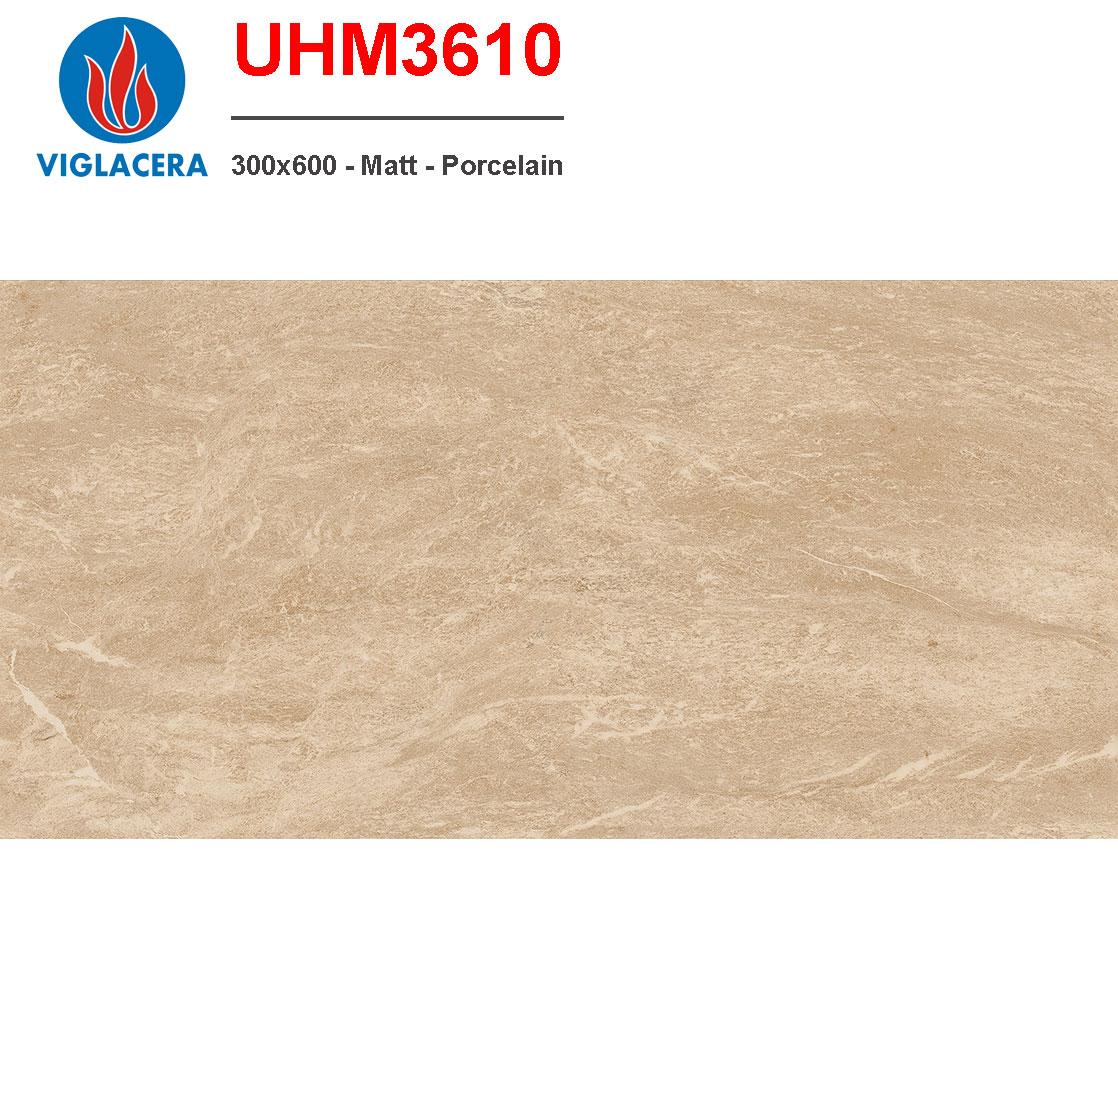 Gạch porcelain 300x600 Viglacera UHM3610 giá rẻ